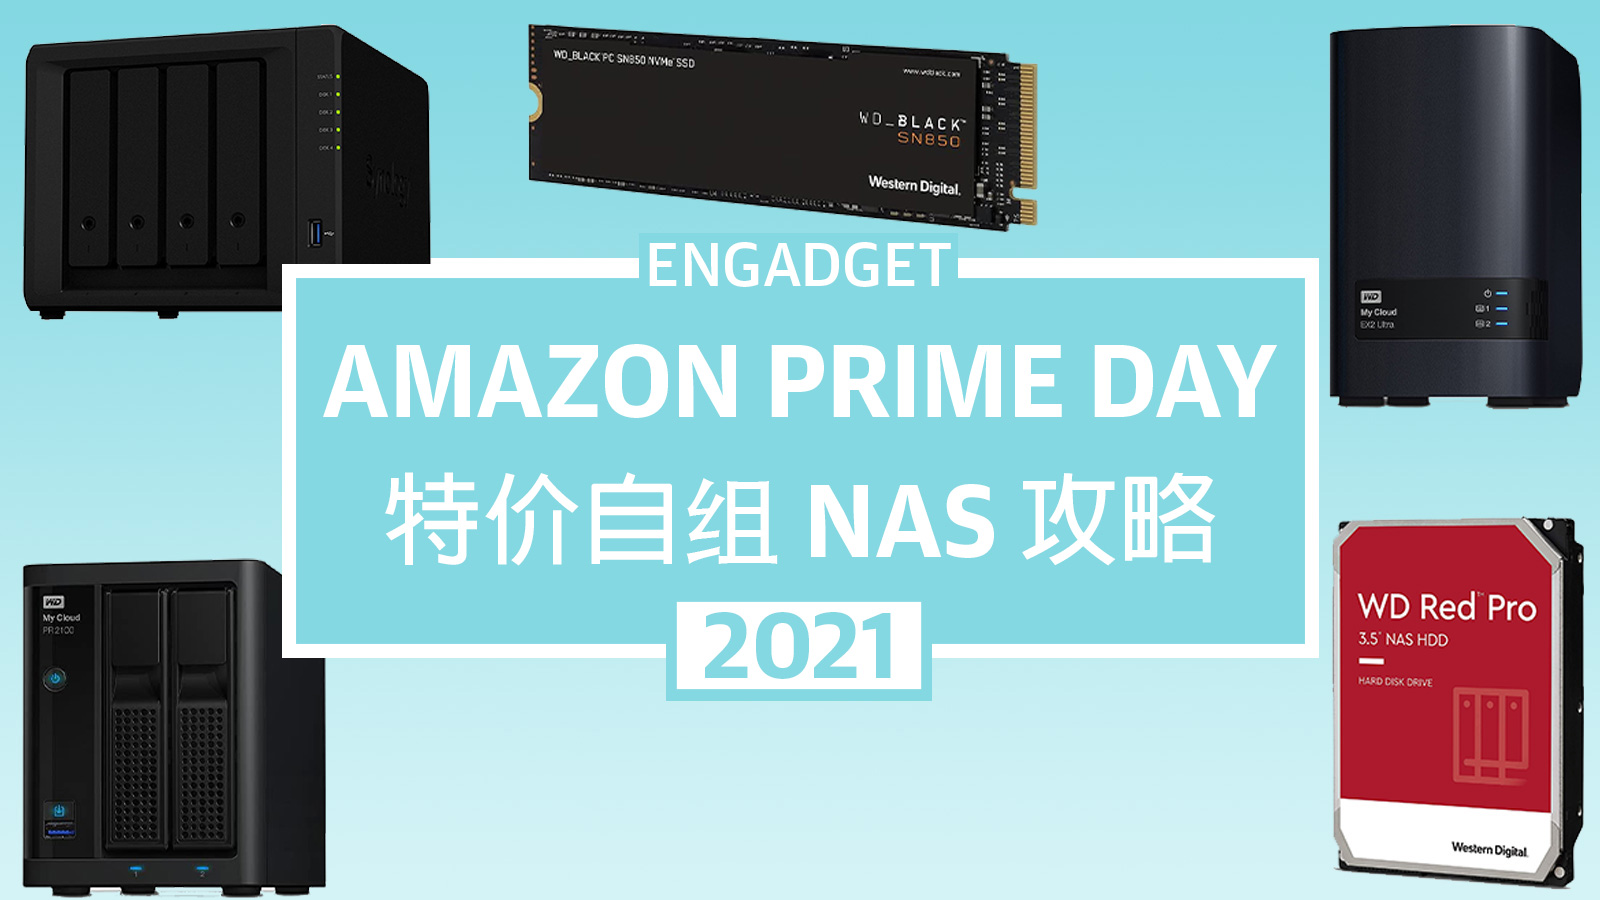 Amazon Prime Day 2021 NAS